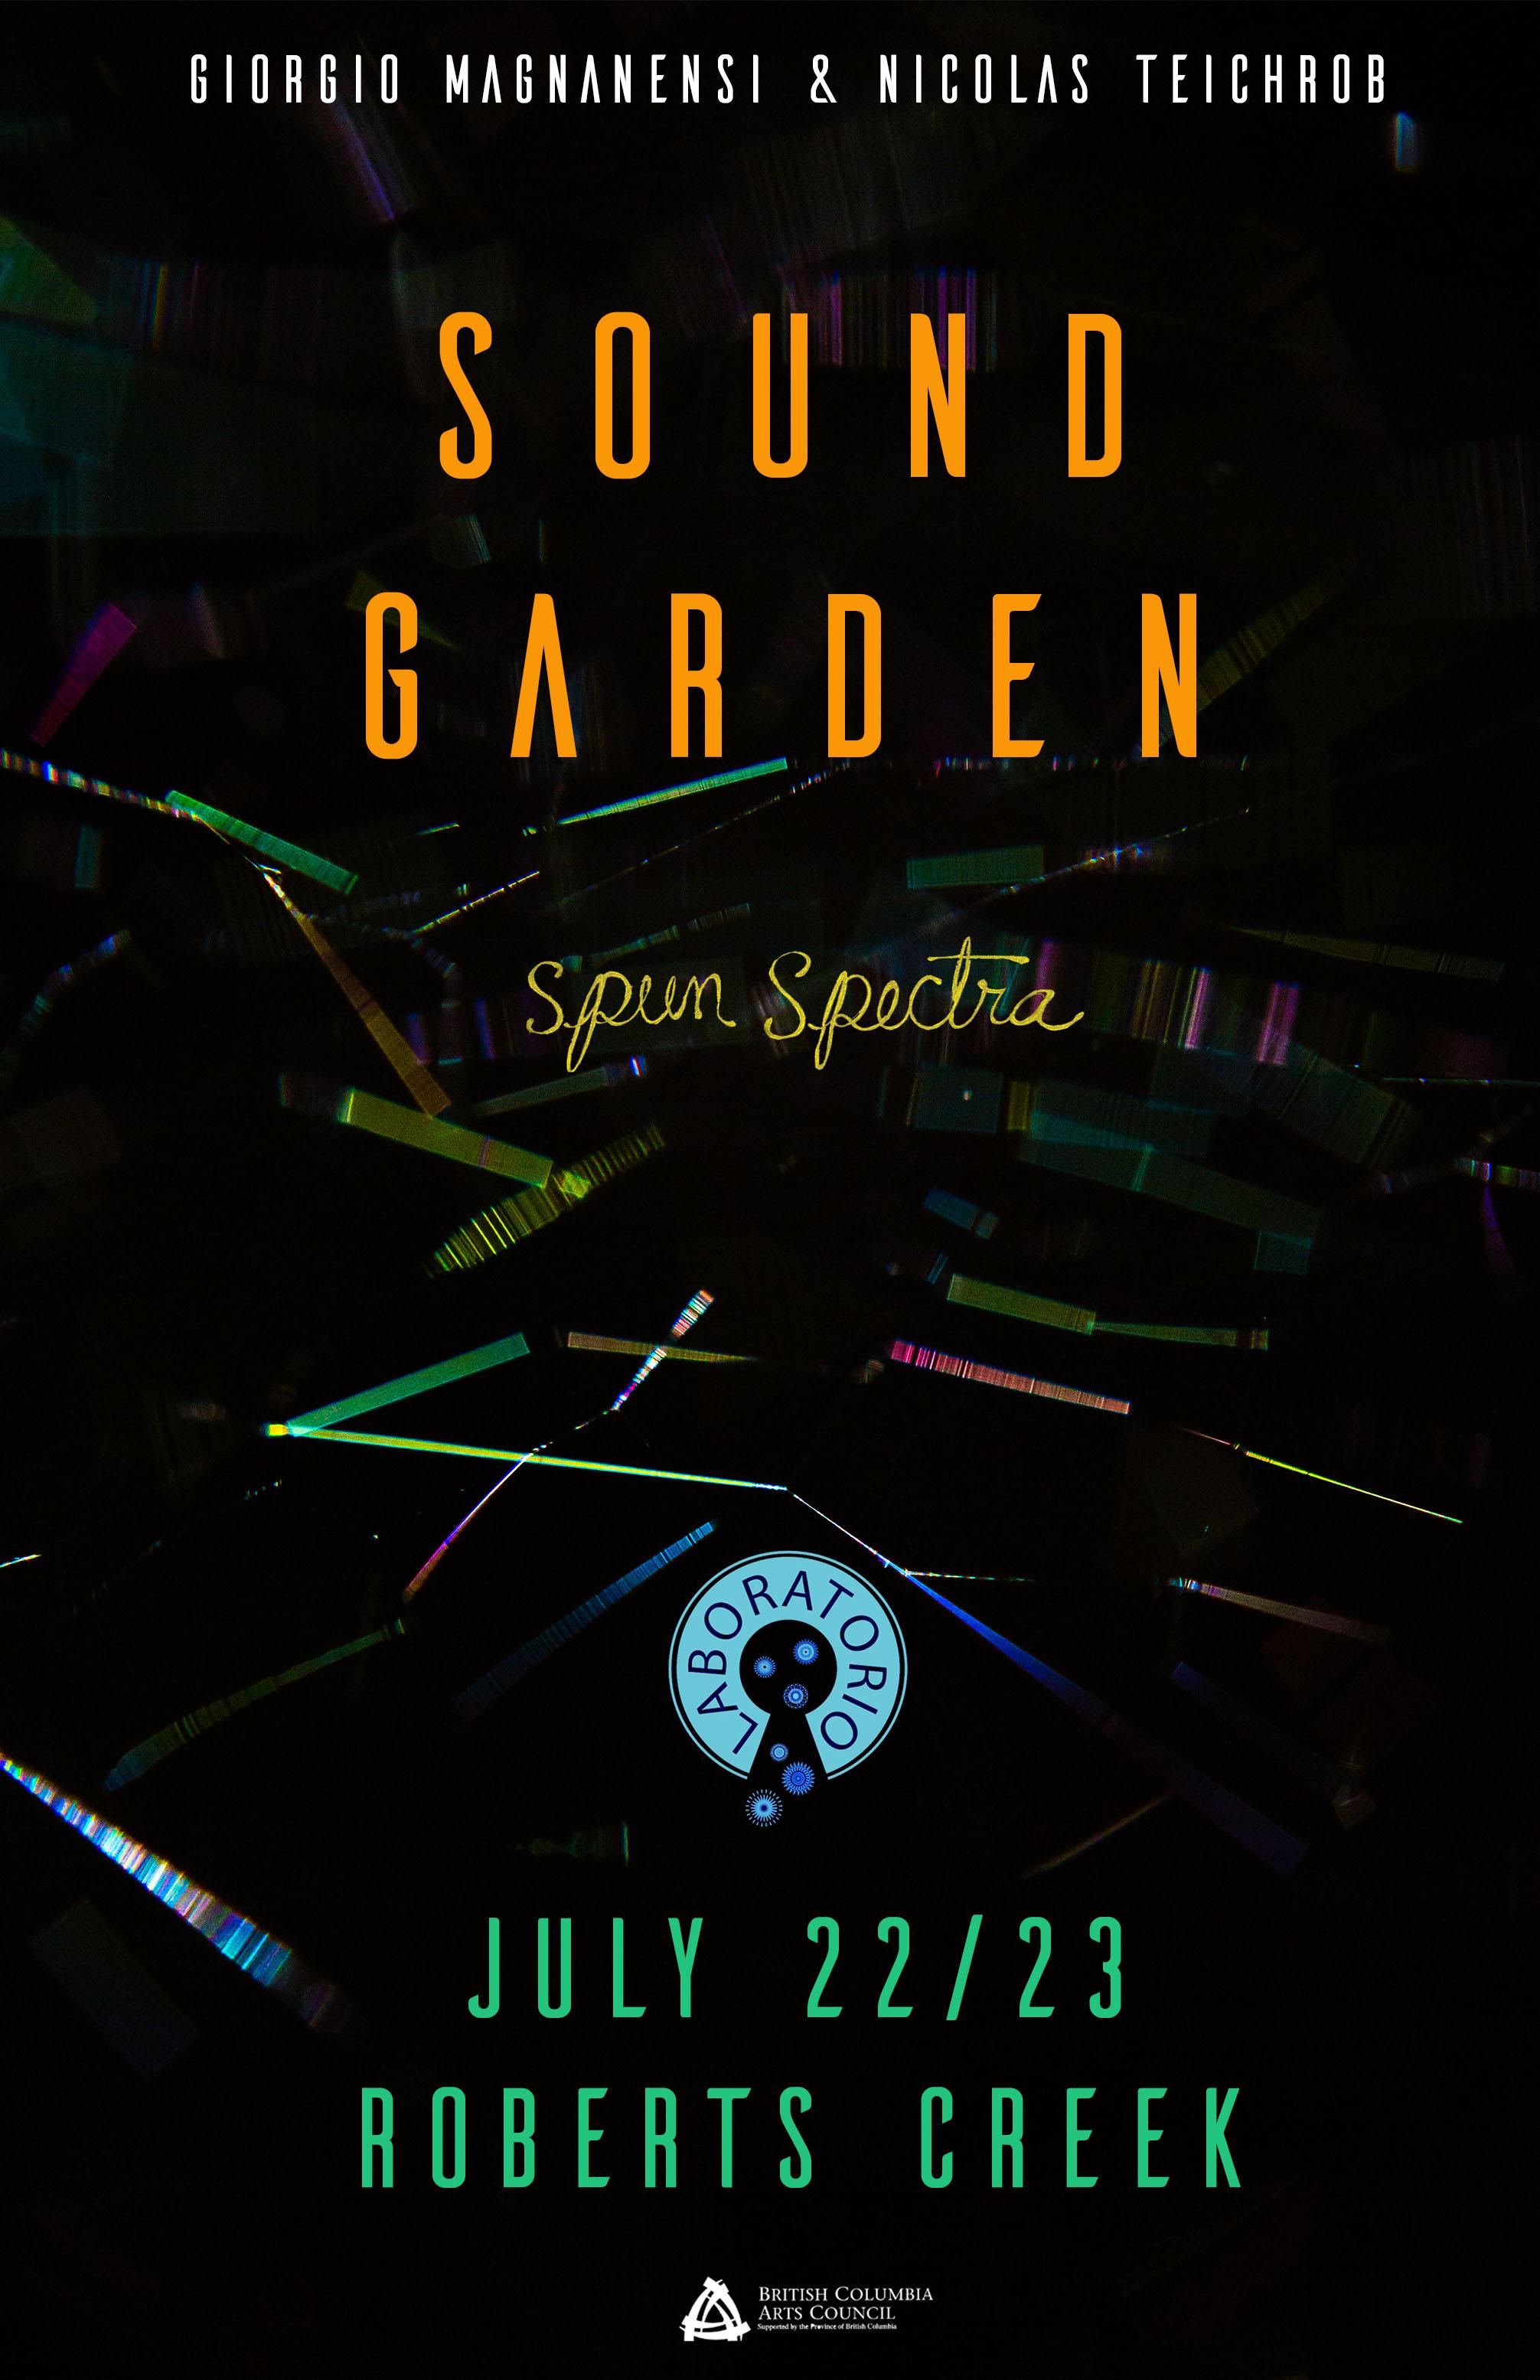 soundgarden 2 poster